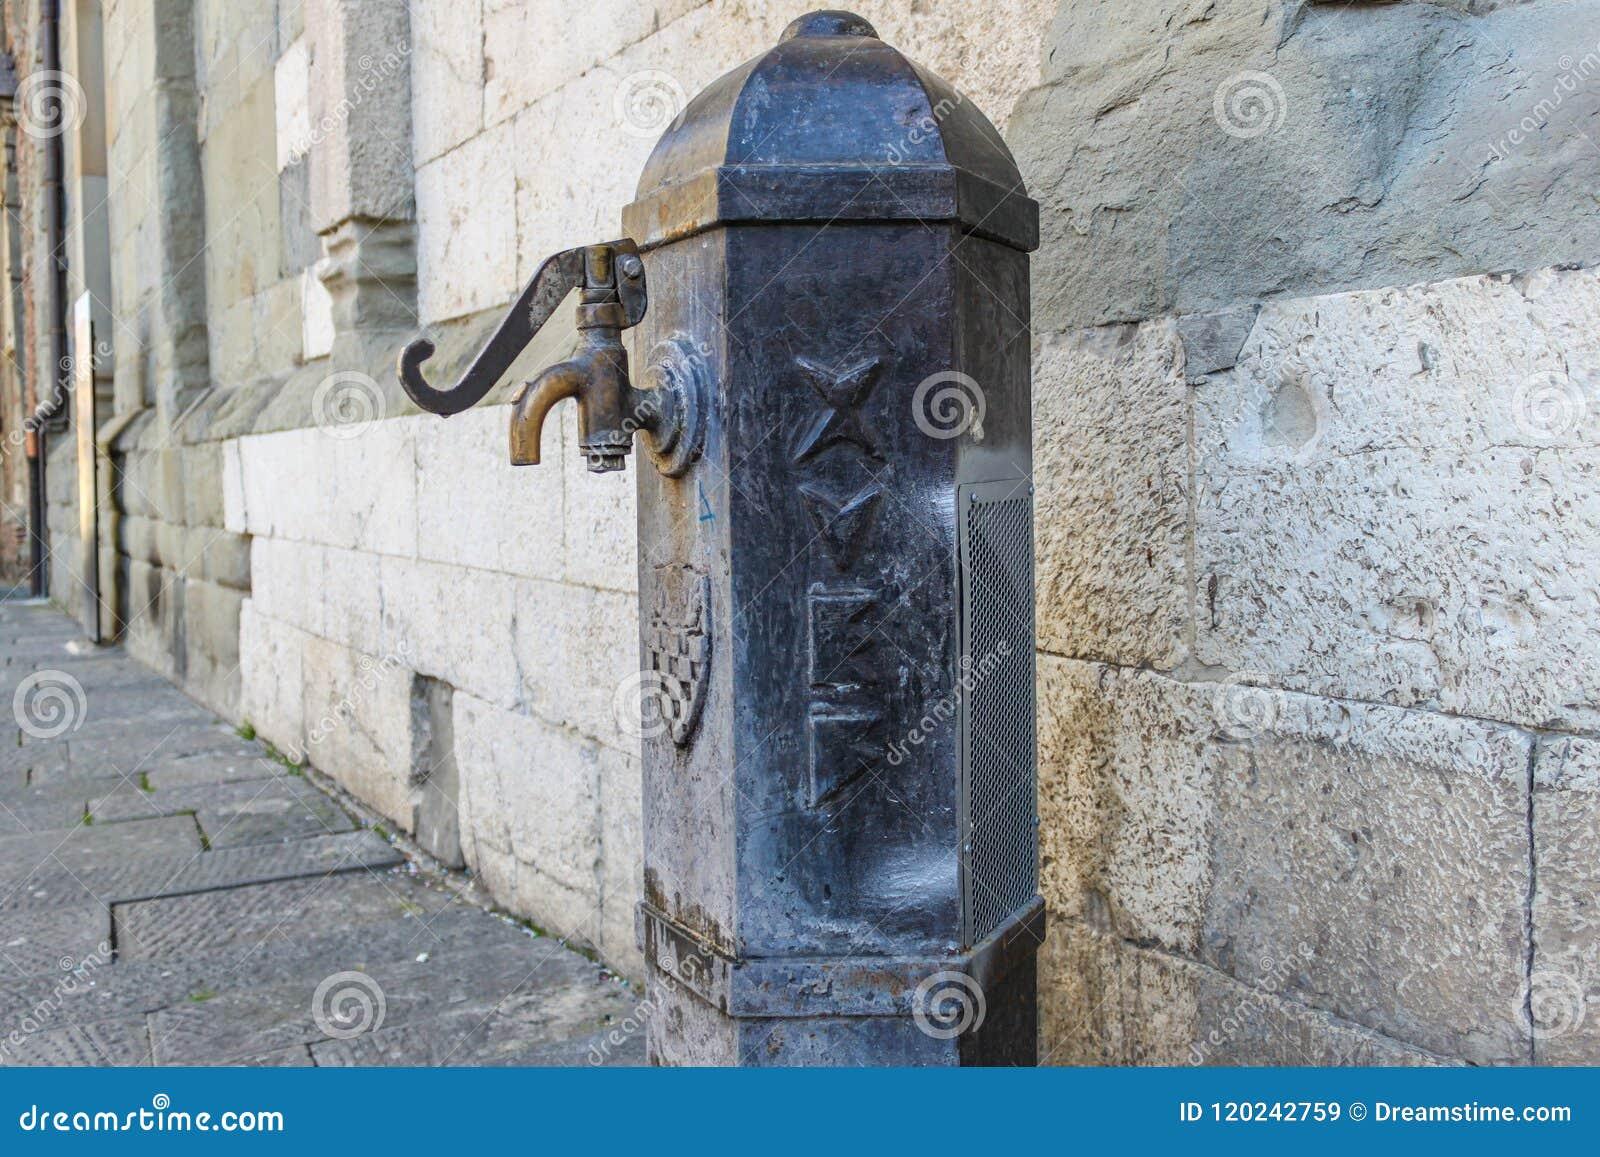 Fuente de agua potable vieja